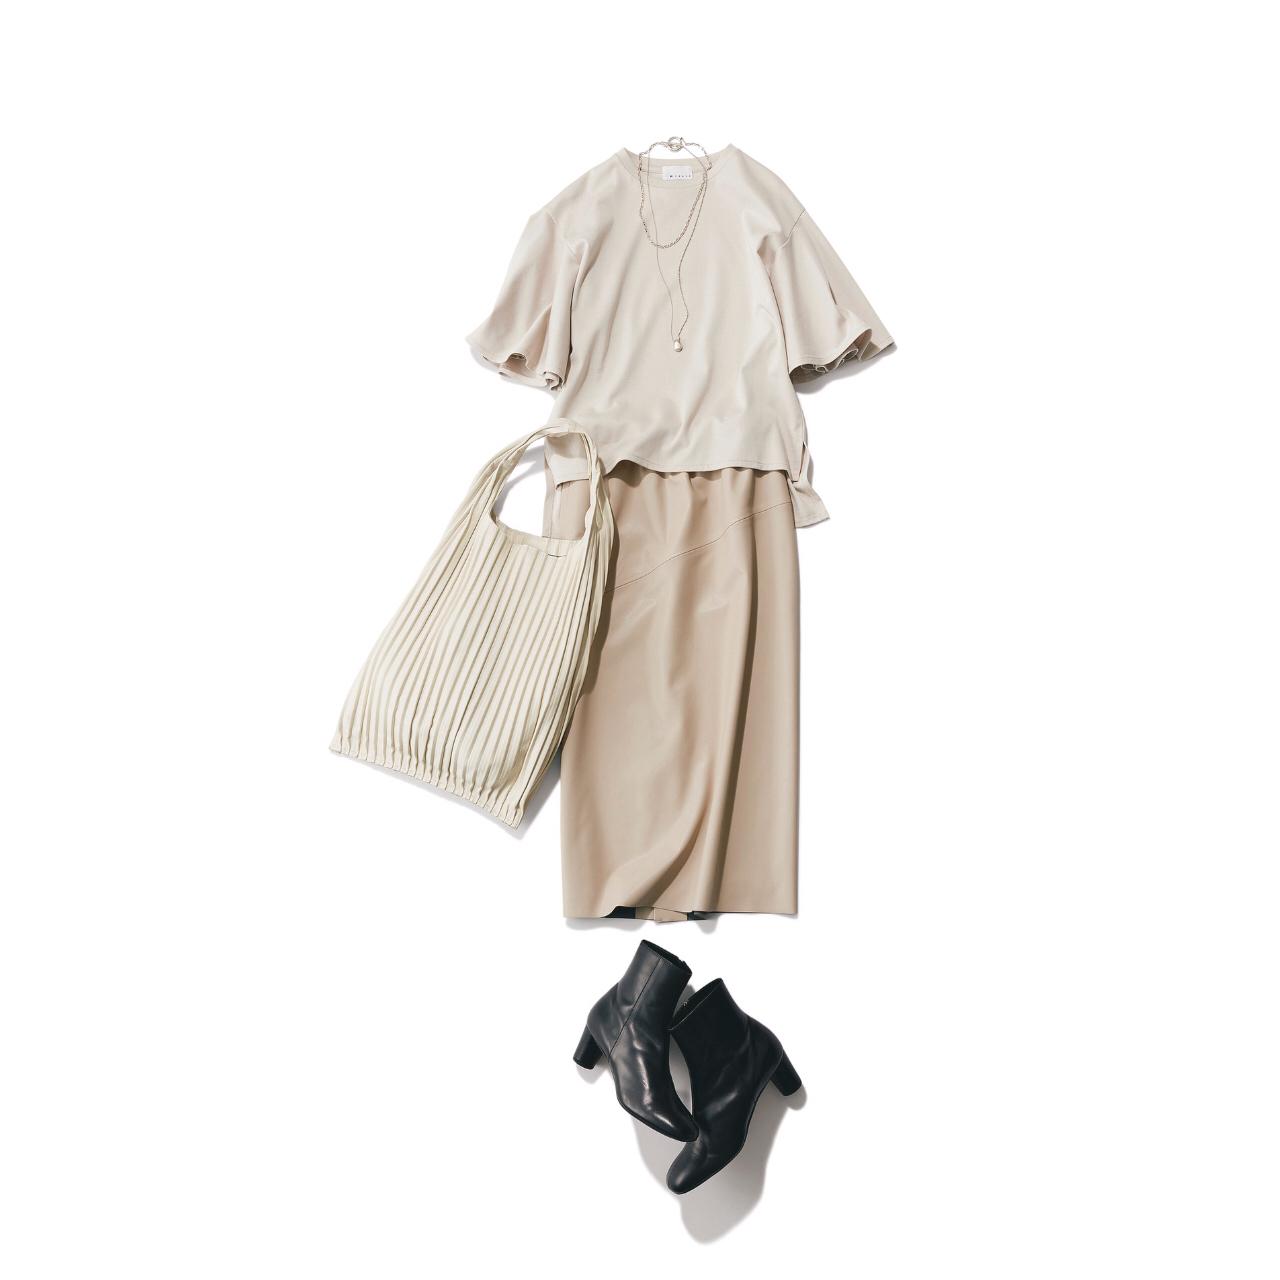 ベージュTシャツ+ベージュスカート+黒ショートブーツ